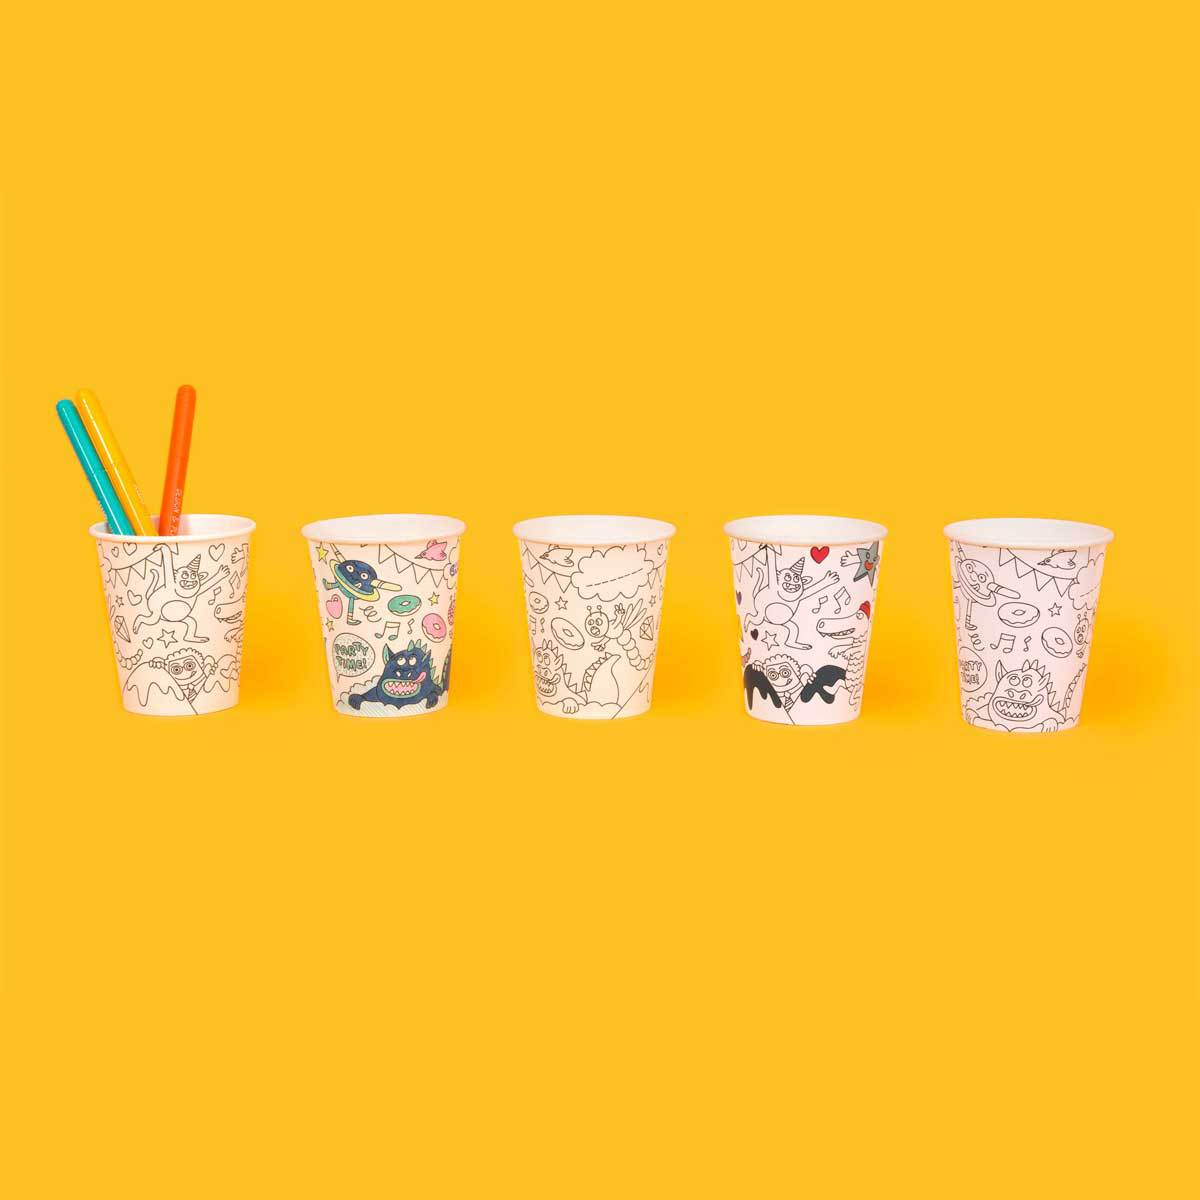 Anniversaire & Fête Lot de 8 Gobelets en carton à colorier Lot de 8 Gobelets en carton à colorier